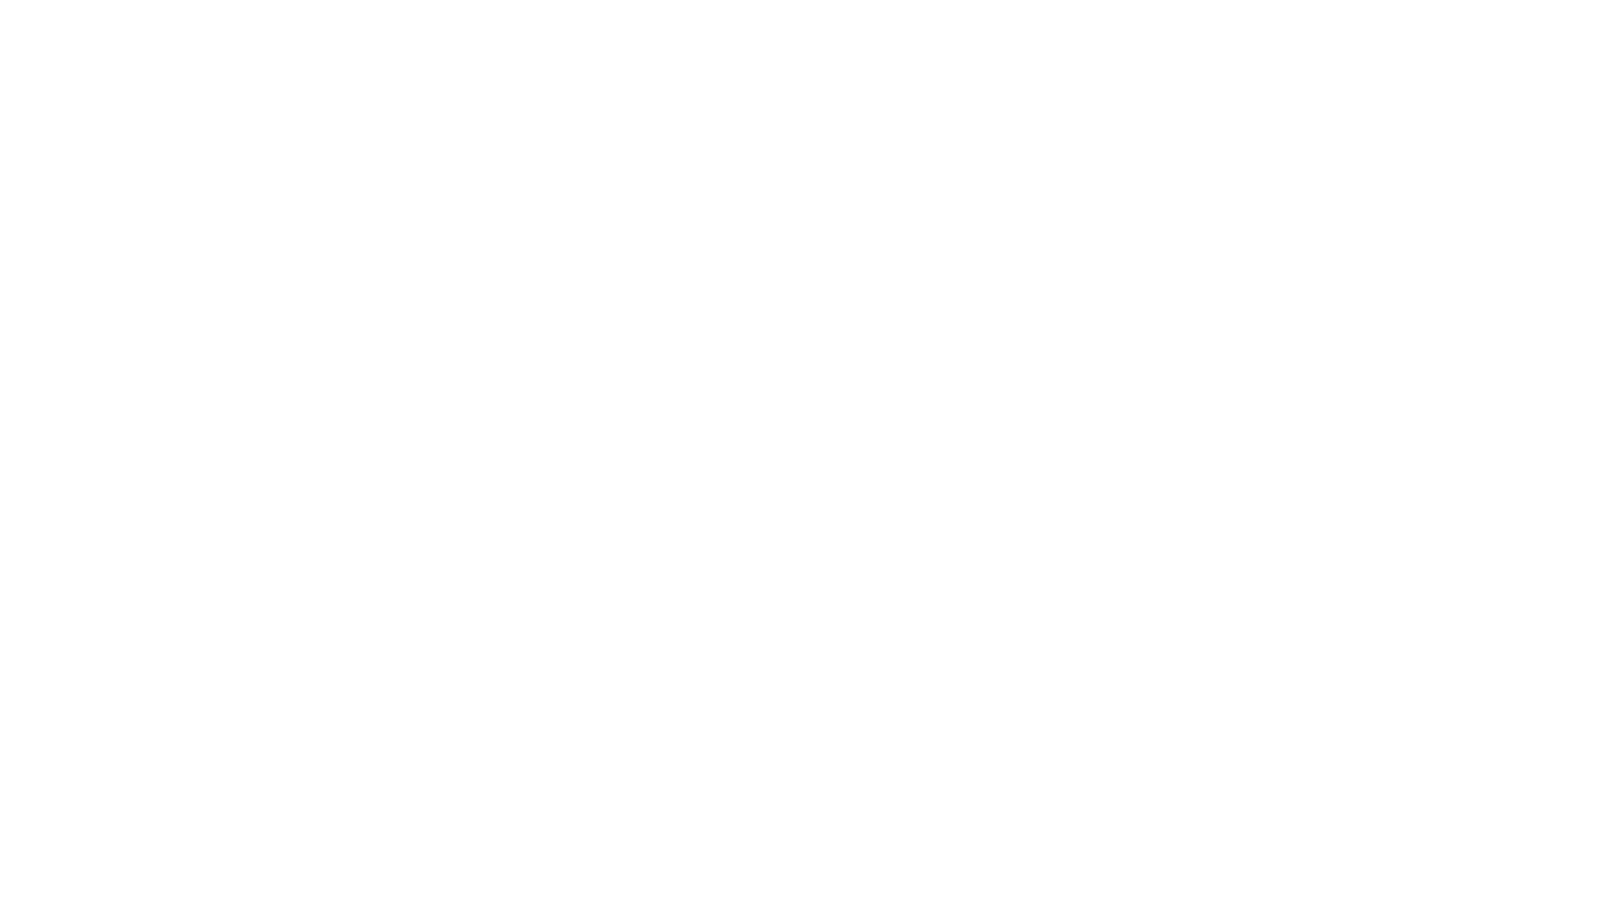 In die 40dae van lydenstyd wil ons by mekaar uit kom.  Ons kan dit net doen as ons besef hoe God by ons betrokke is, hoe Sy liefde ons help om mekaar lief te hê.  Ons kyk vandag na Abraham en Johannes se belewenis van liefde wat alle verstand te bowe gaan.